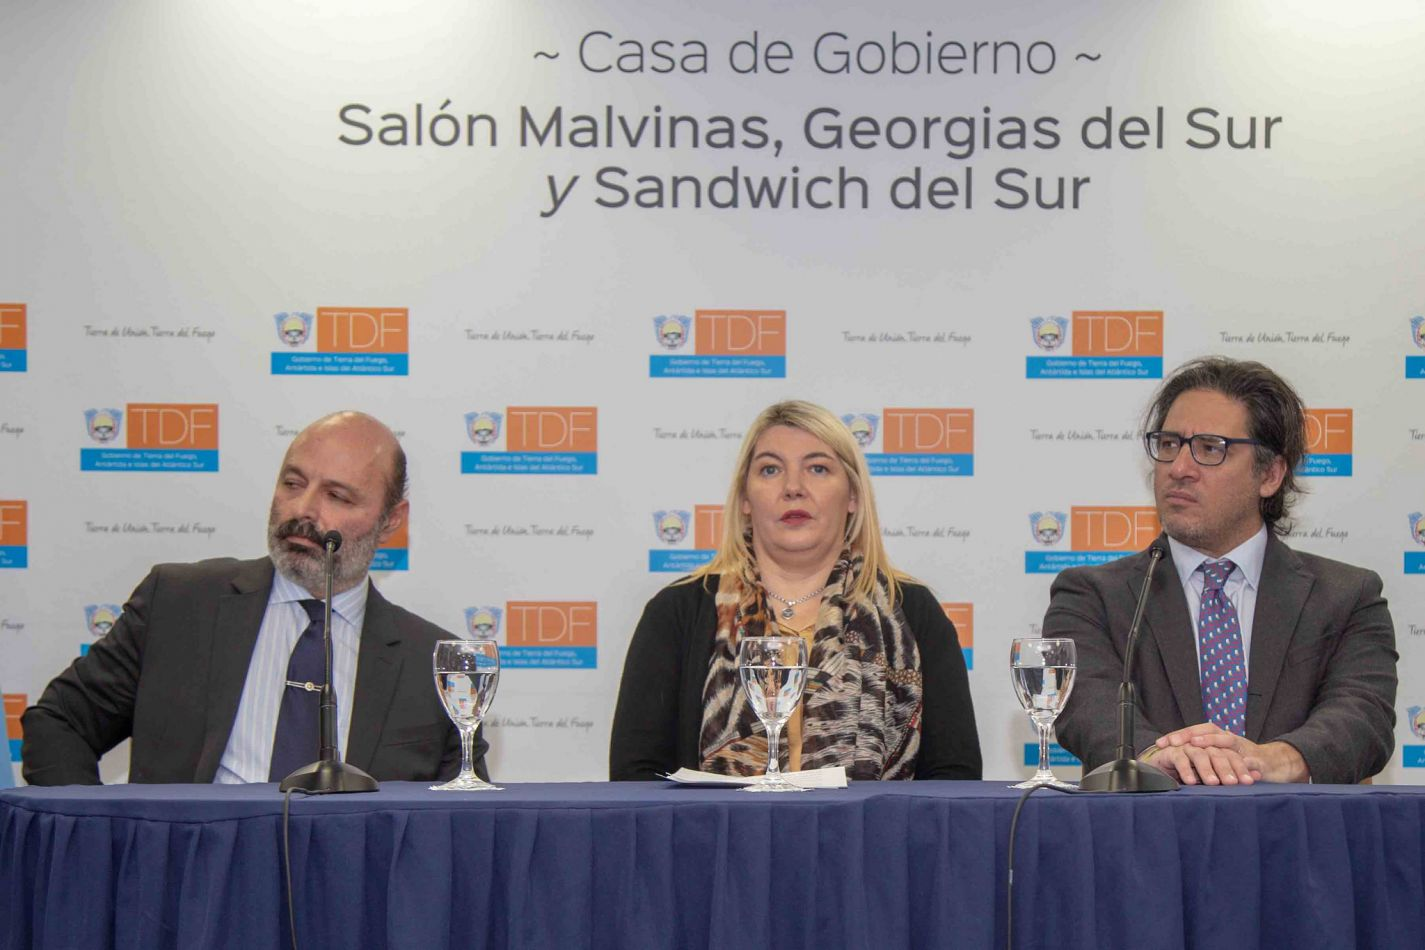 """La Gobernadora Bertone junto al Ministro de Justicia de Nación, dieron inicio al taller """"Introducción a la atención de víctimas de delitos y violencia"""